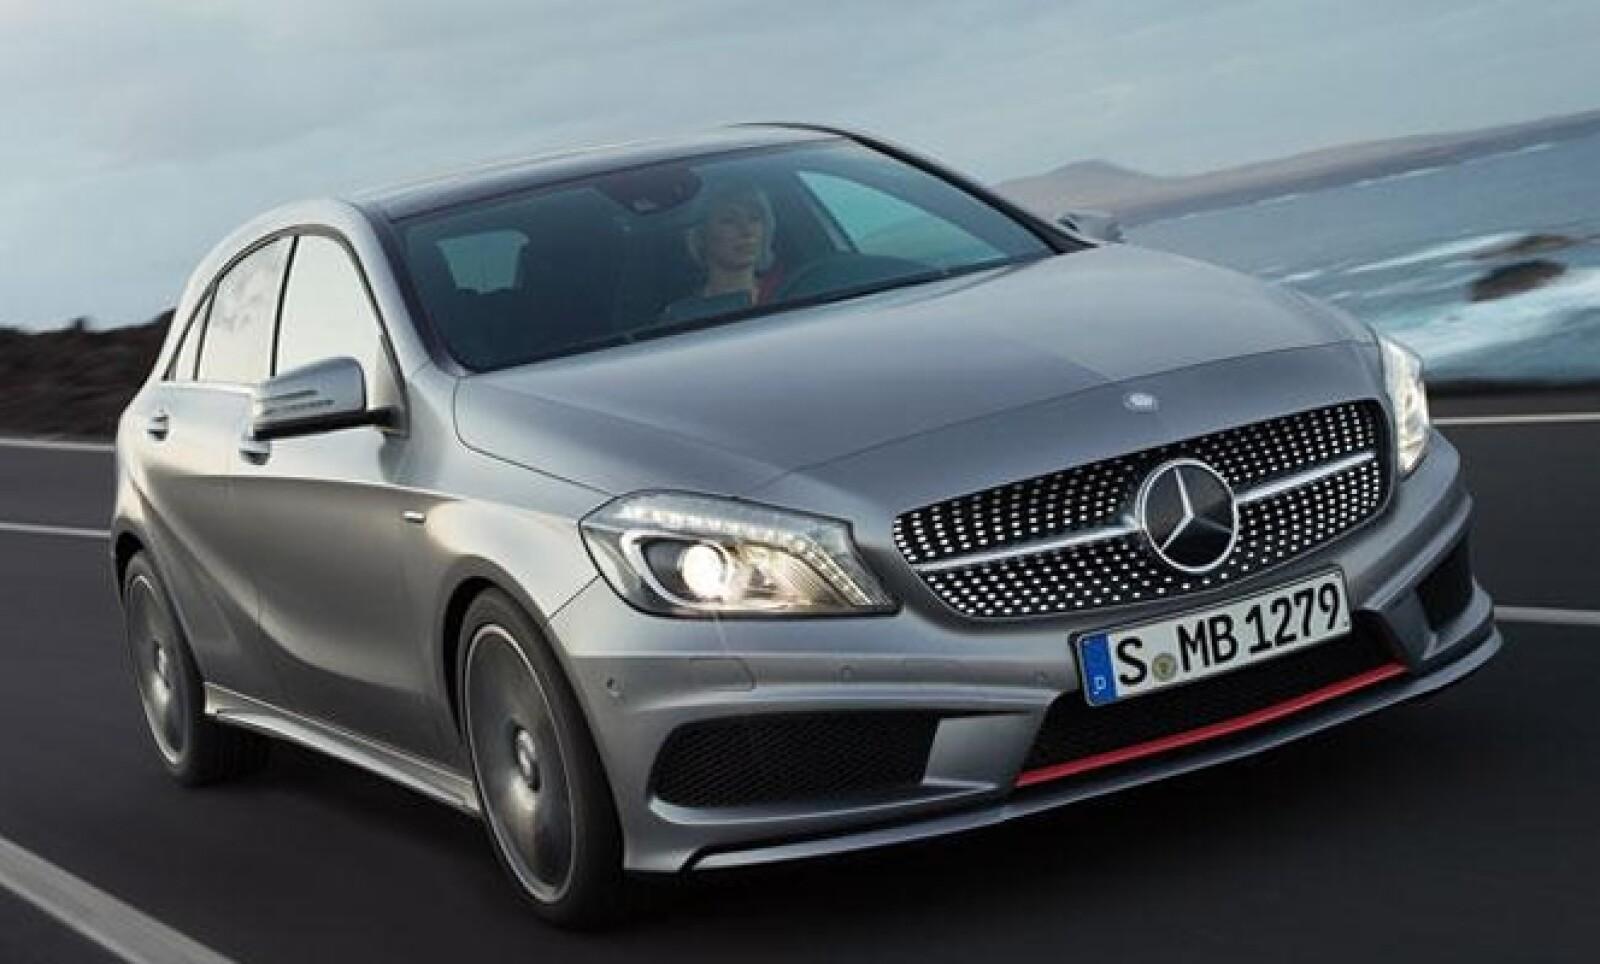 La firma alemana presenta este nuevo modelo, seis meses después de su revelación ante el público en el pasado Salón Internacional de Ginebra.